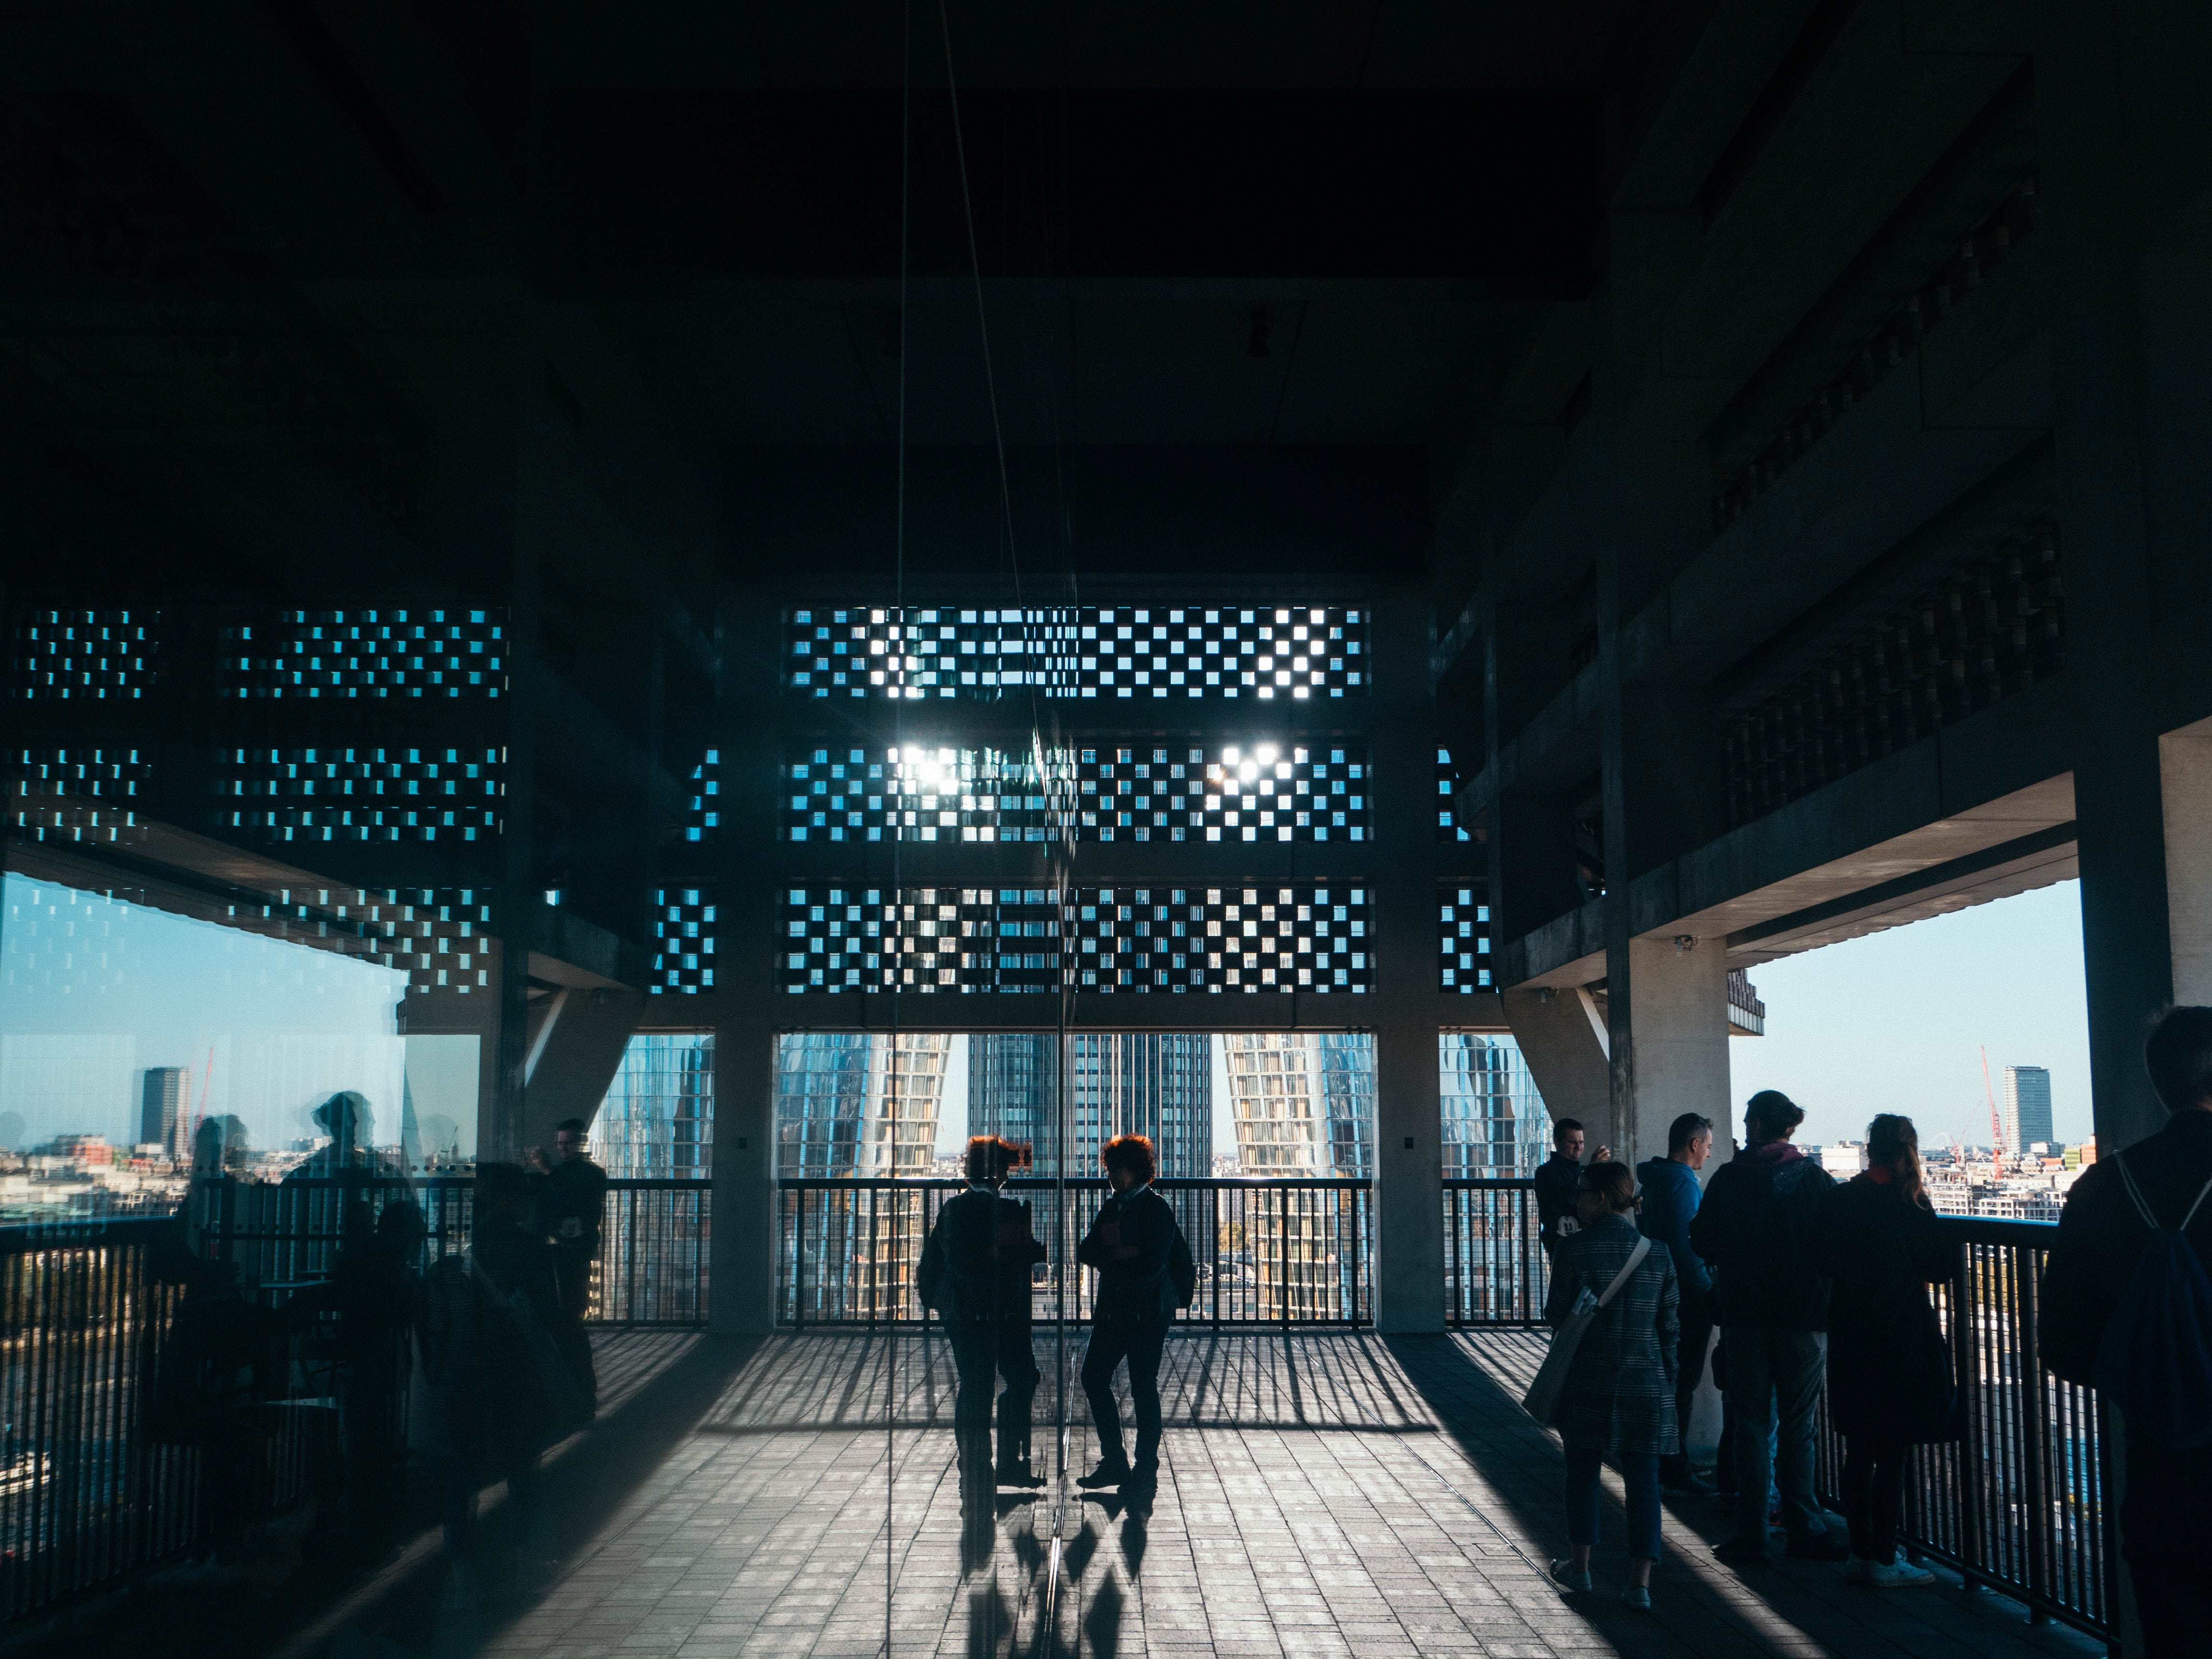 Fotos de stock gratuitas de arquitectura, ciudad, durante el día, edificio